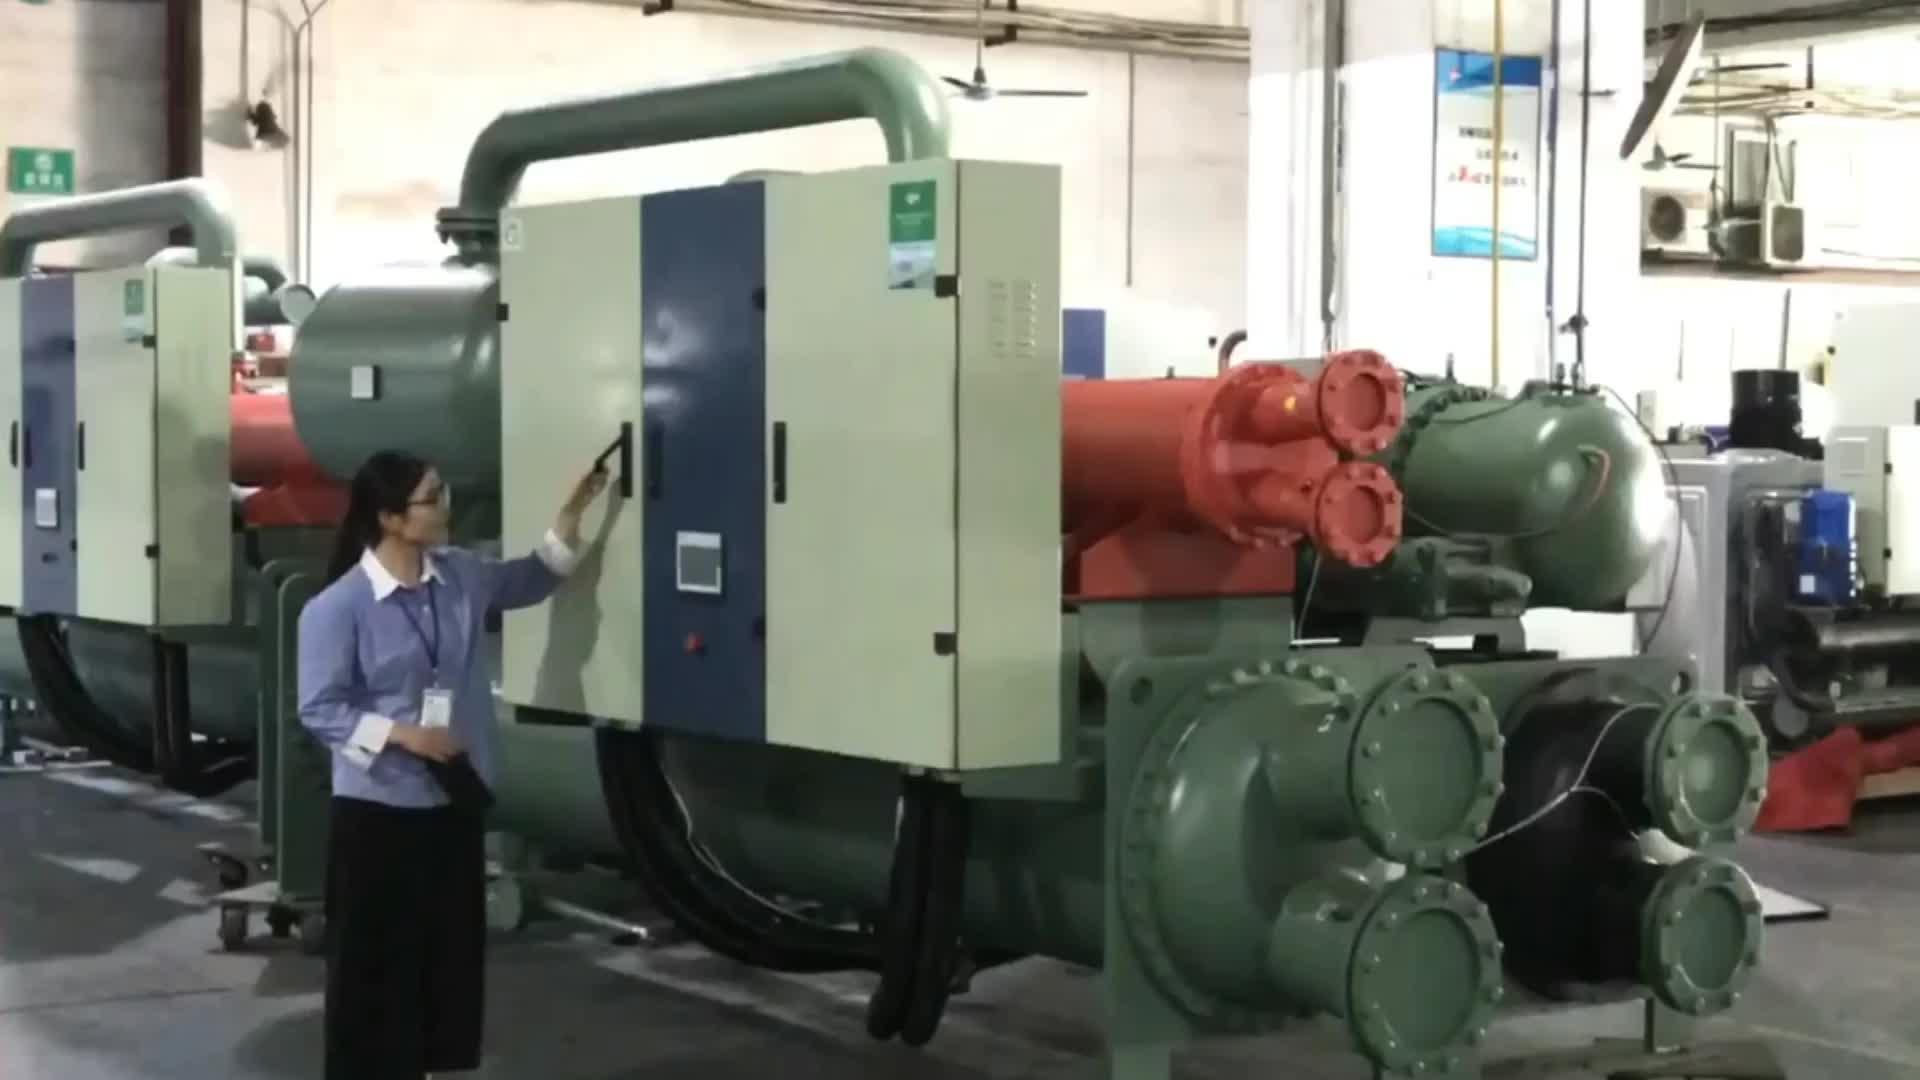 Piscina de agua caliente bomba de calor rohs bomba de calor de la piscina calentador de agua de bomba de calor de agua